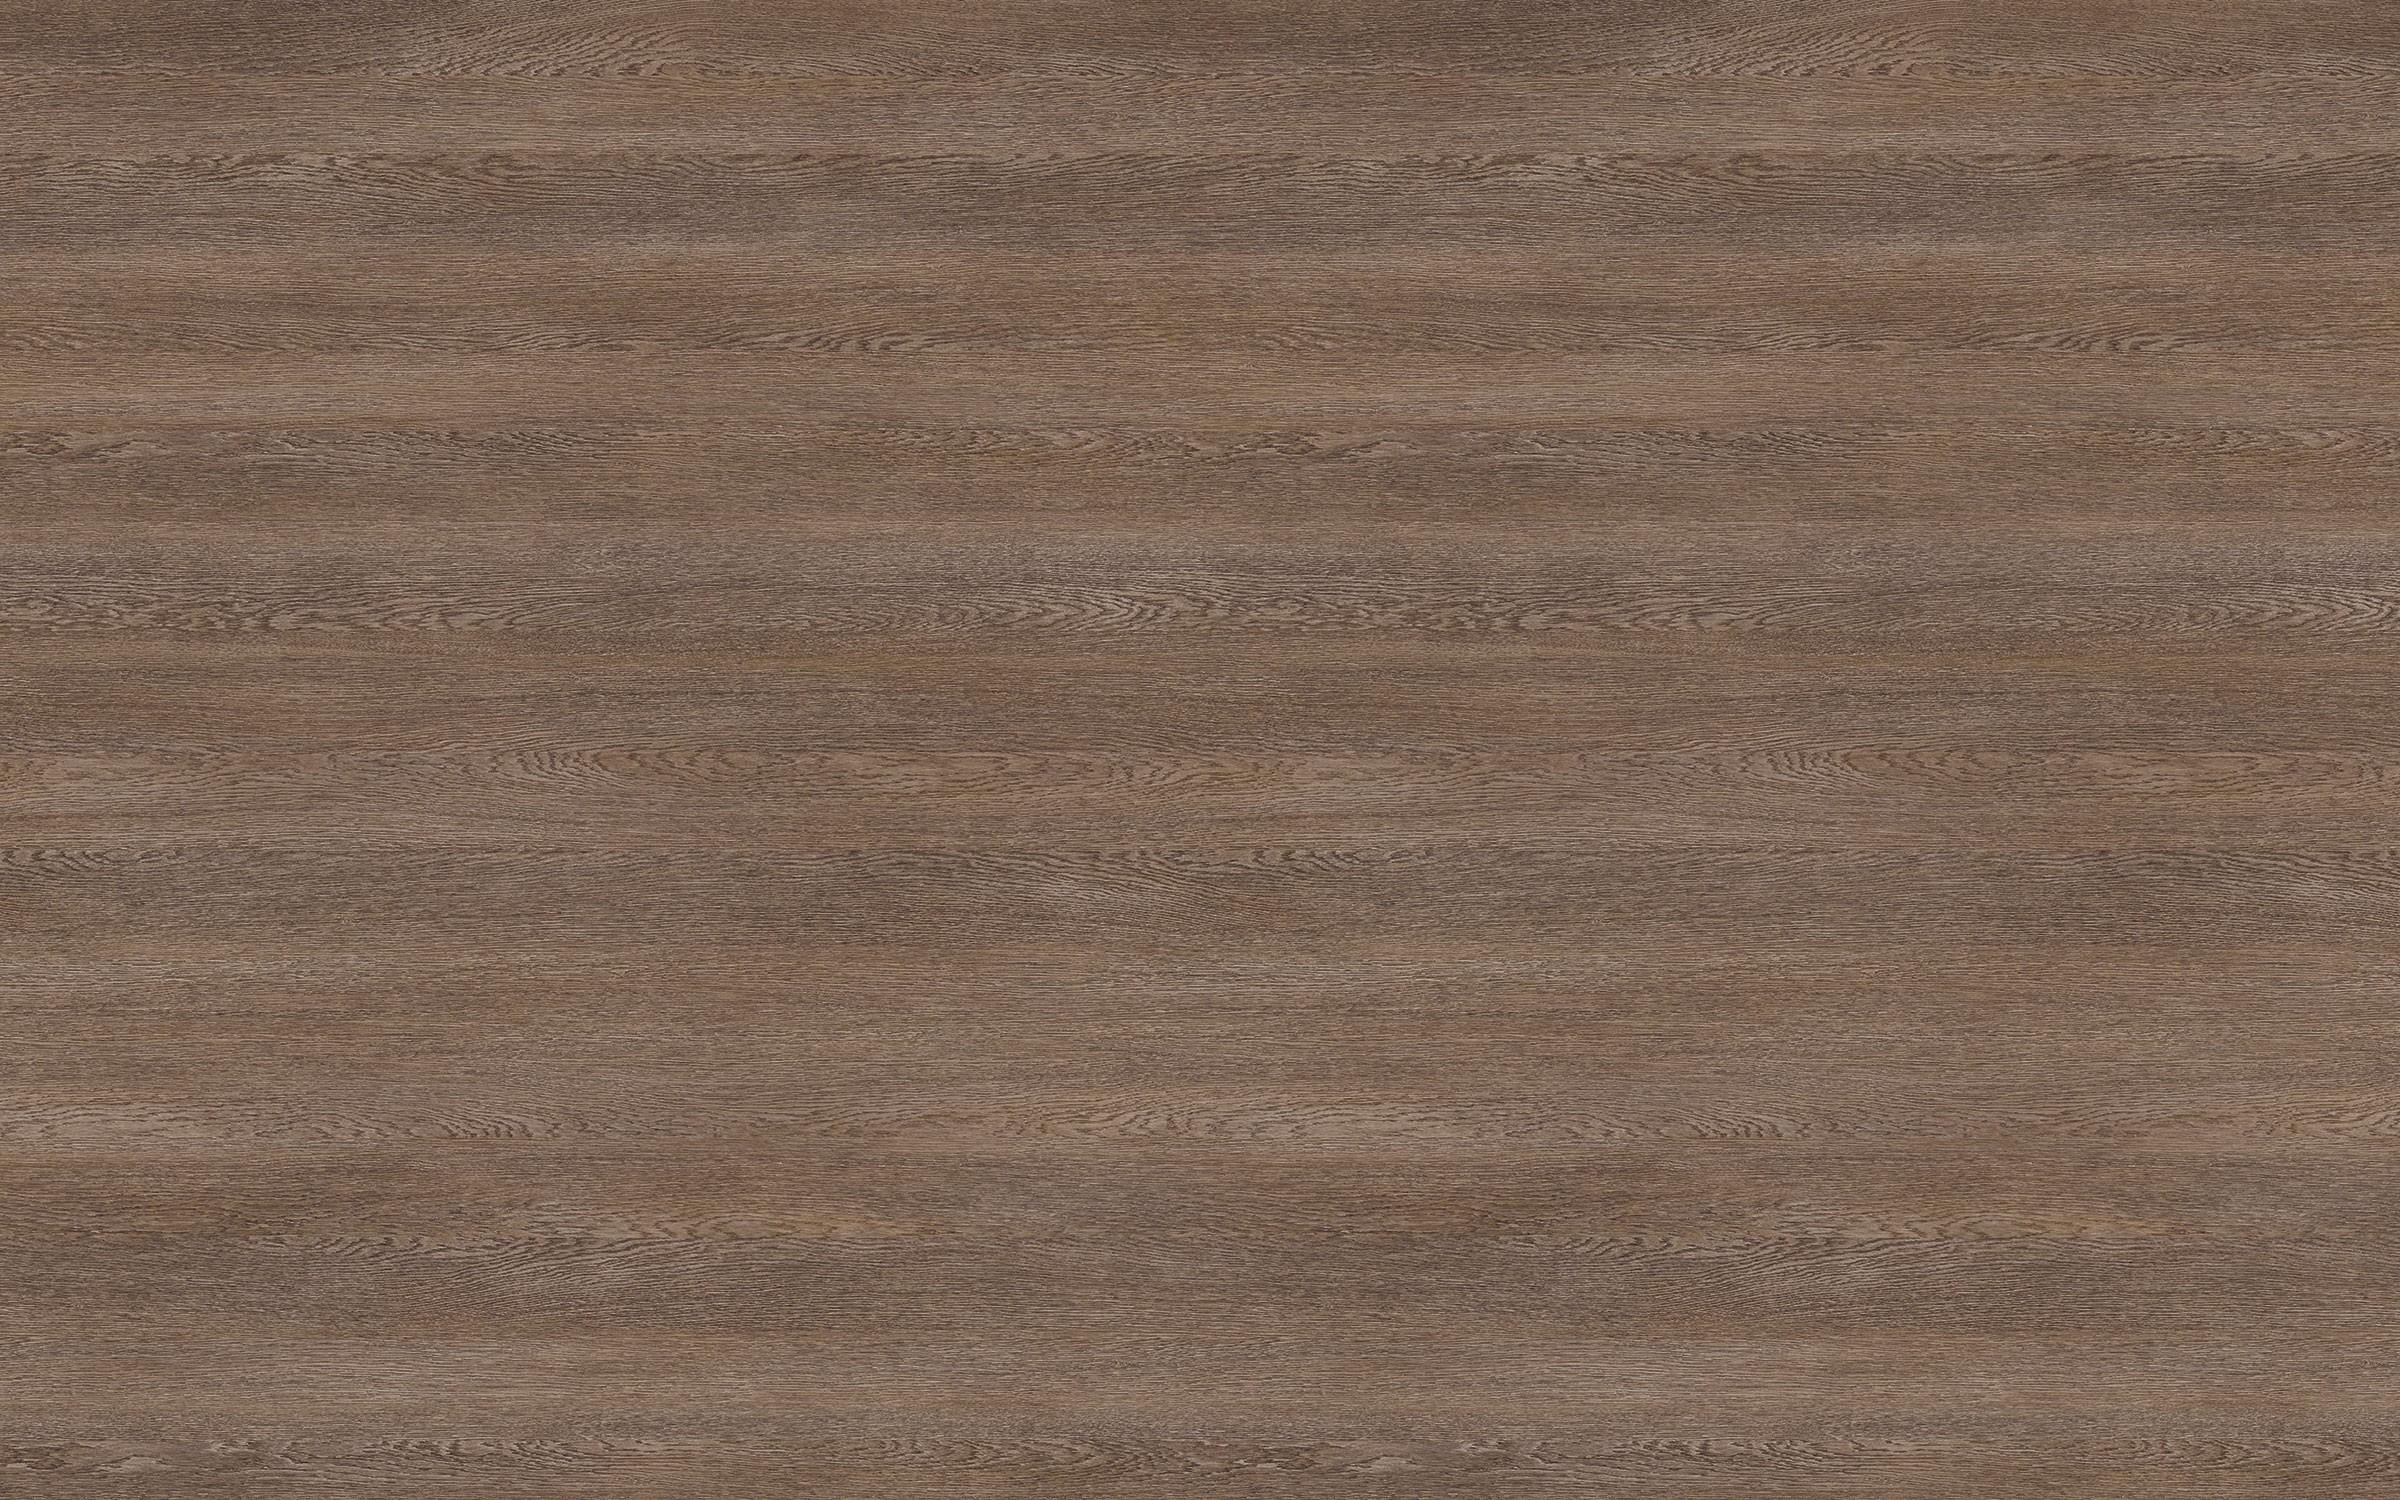 8207 Branded Oak - Wilsonart